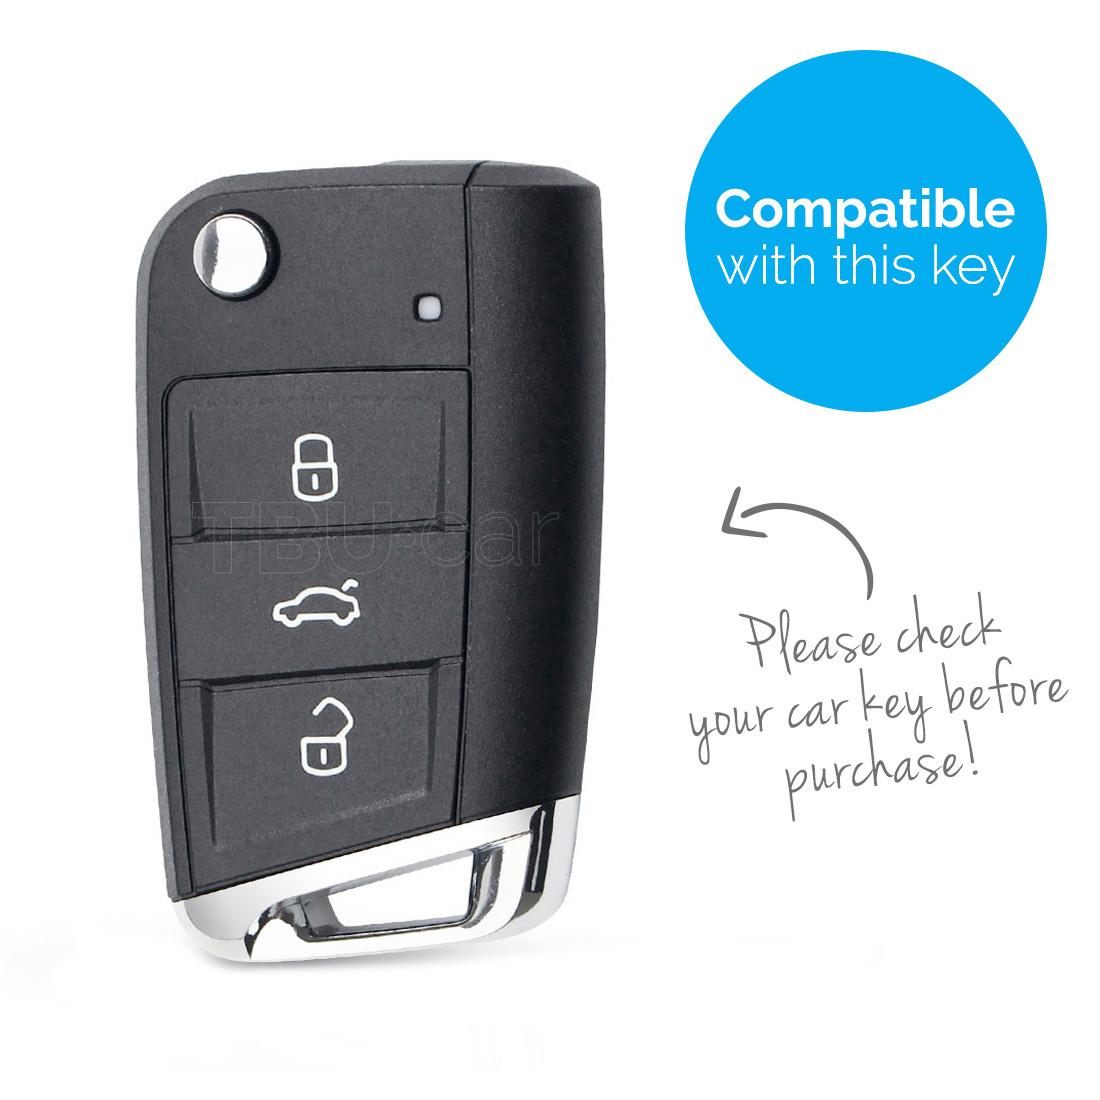 TBU car Autoschlüssel Hülle für Volkswagen 3 Tasten - Schutzhülle aus Silikon - Auto Schlüsselhülle Cover in Rosa